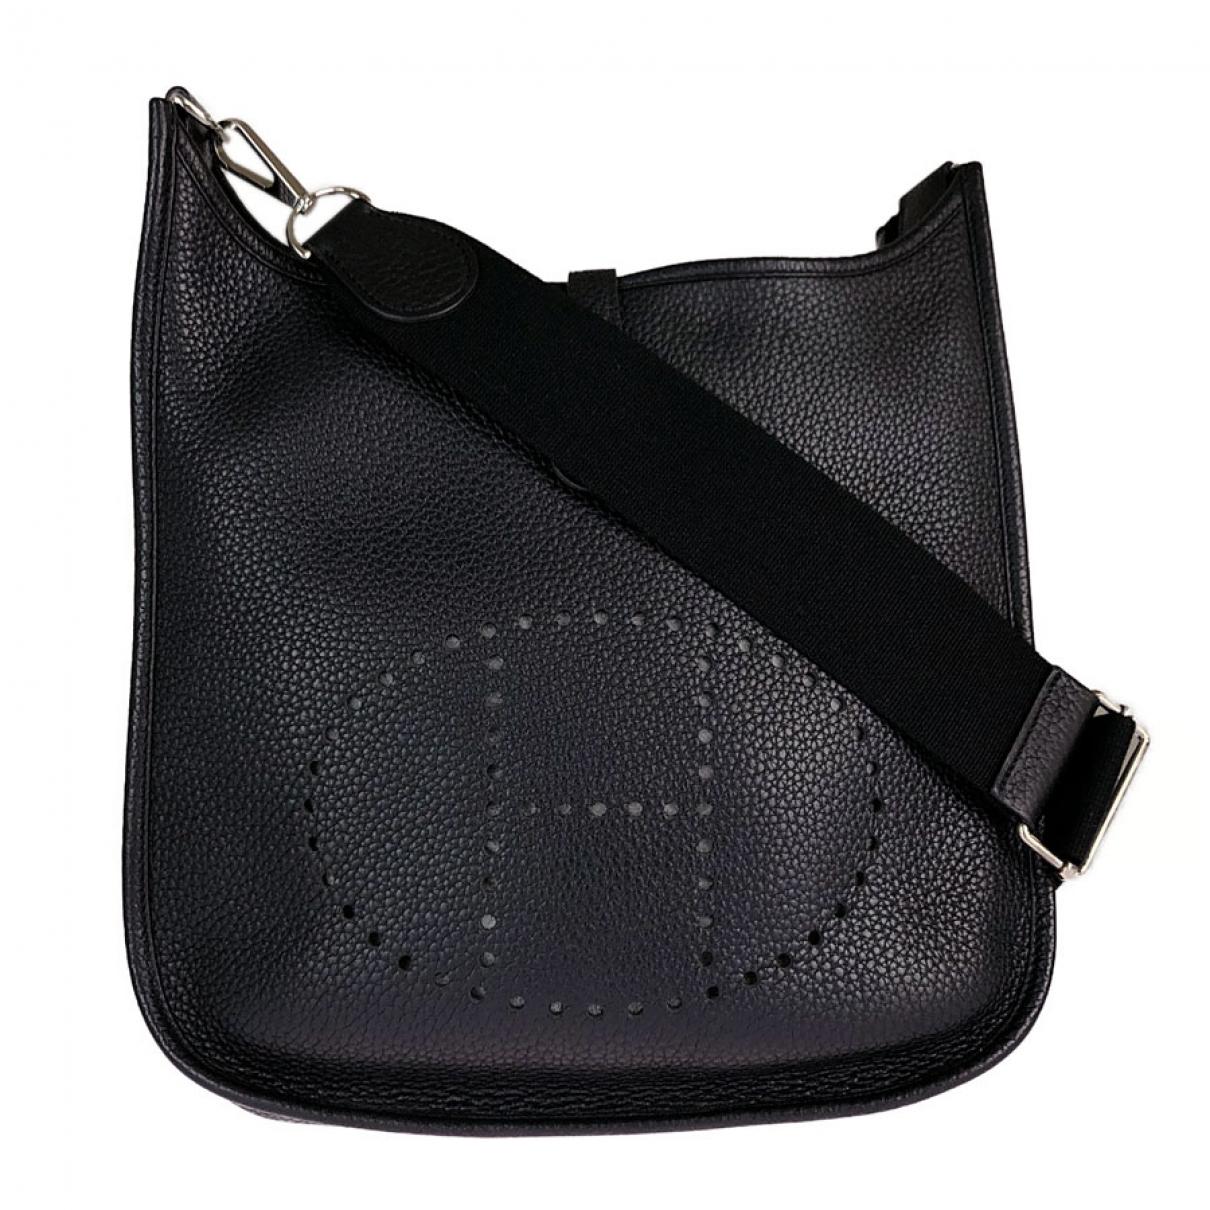 Hermes Evelyne Handtasche in  Schwarz Leder